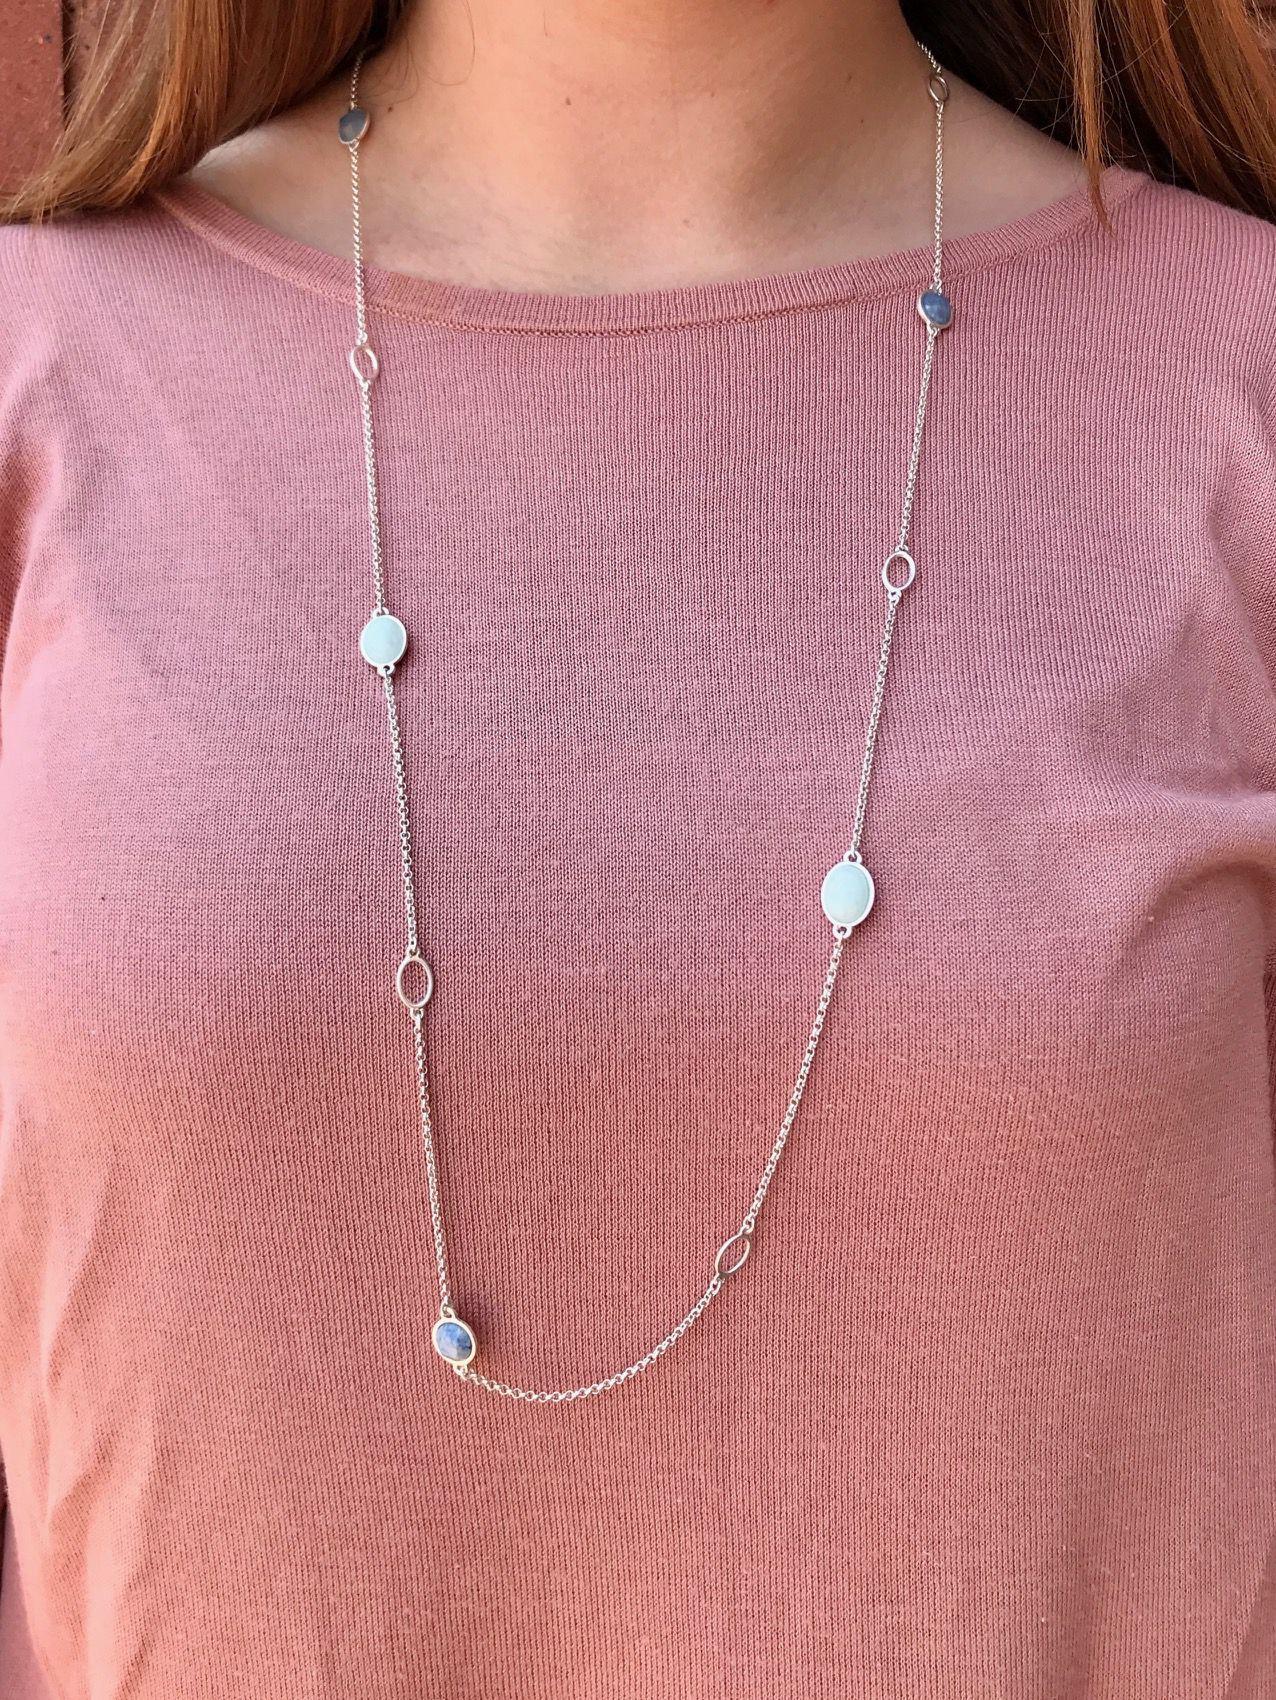 Blue Aventurine Aquamarine Necklace Worn Silver